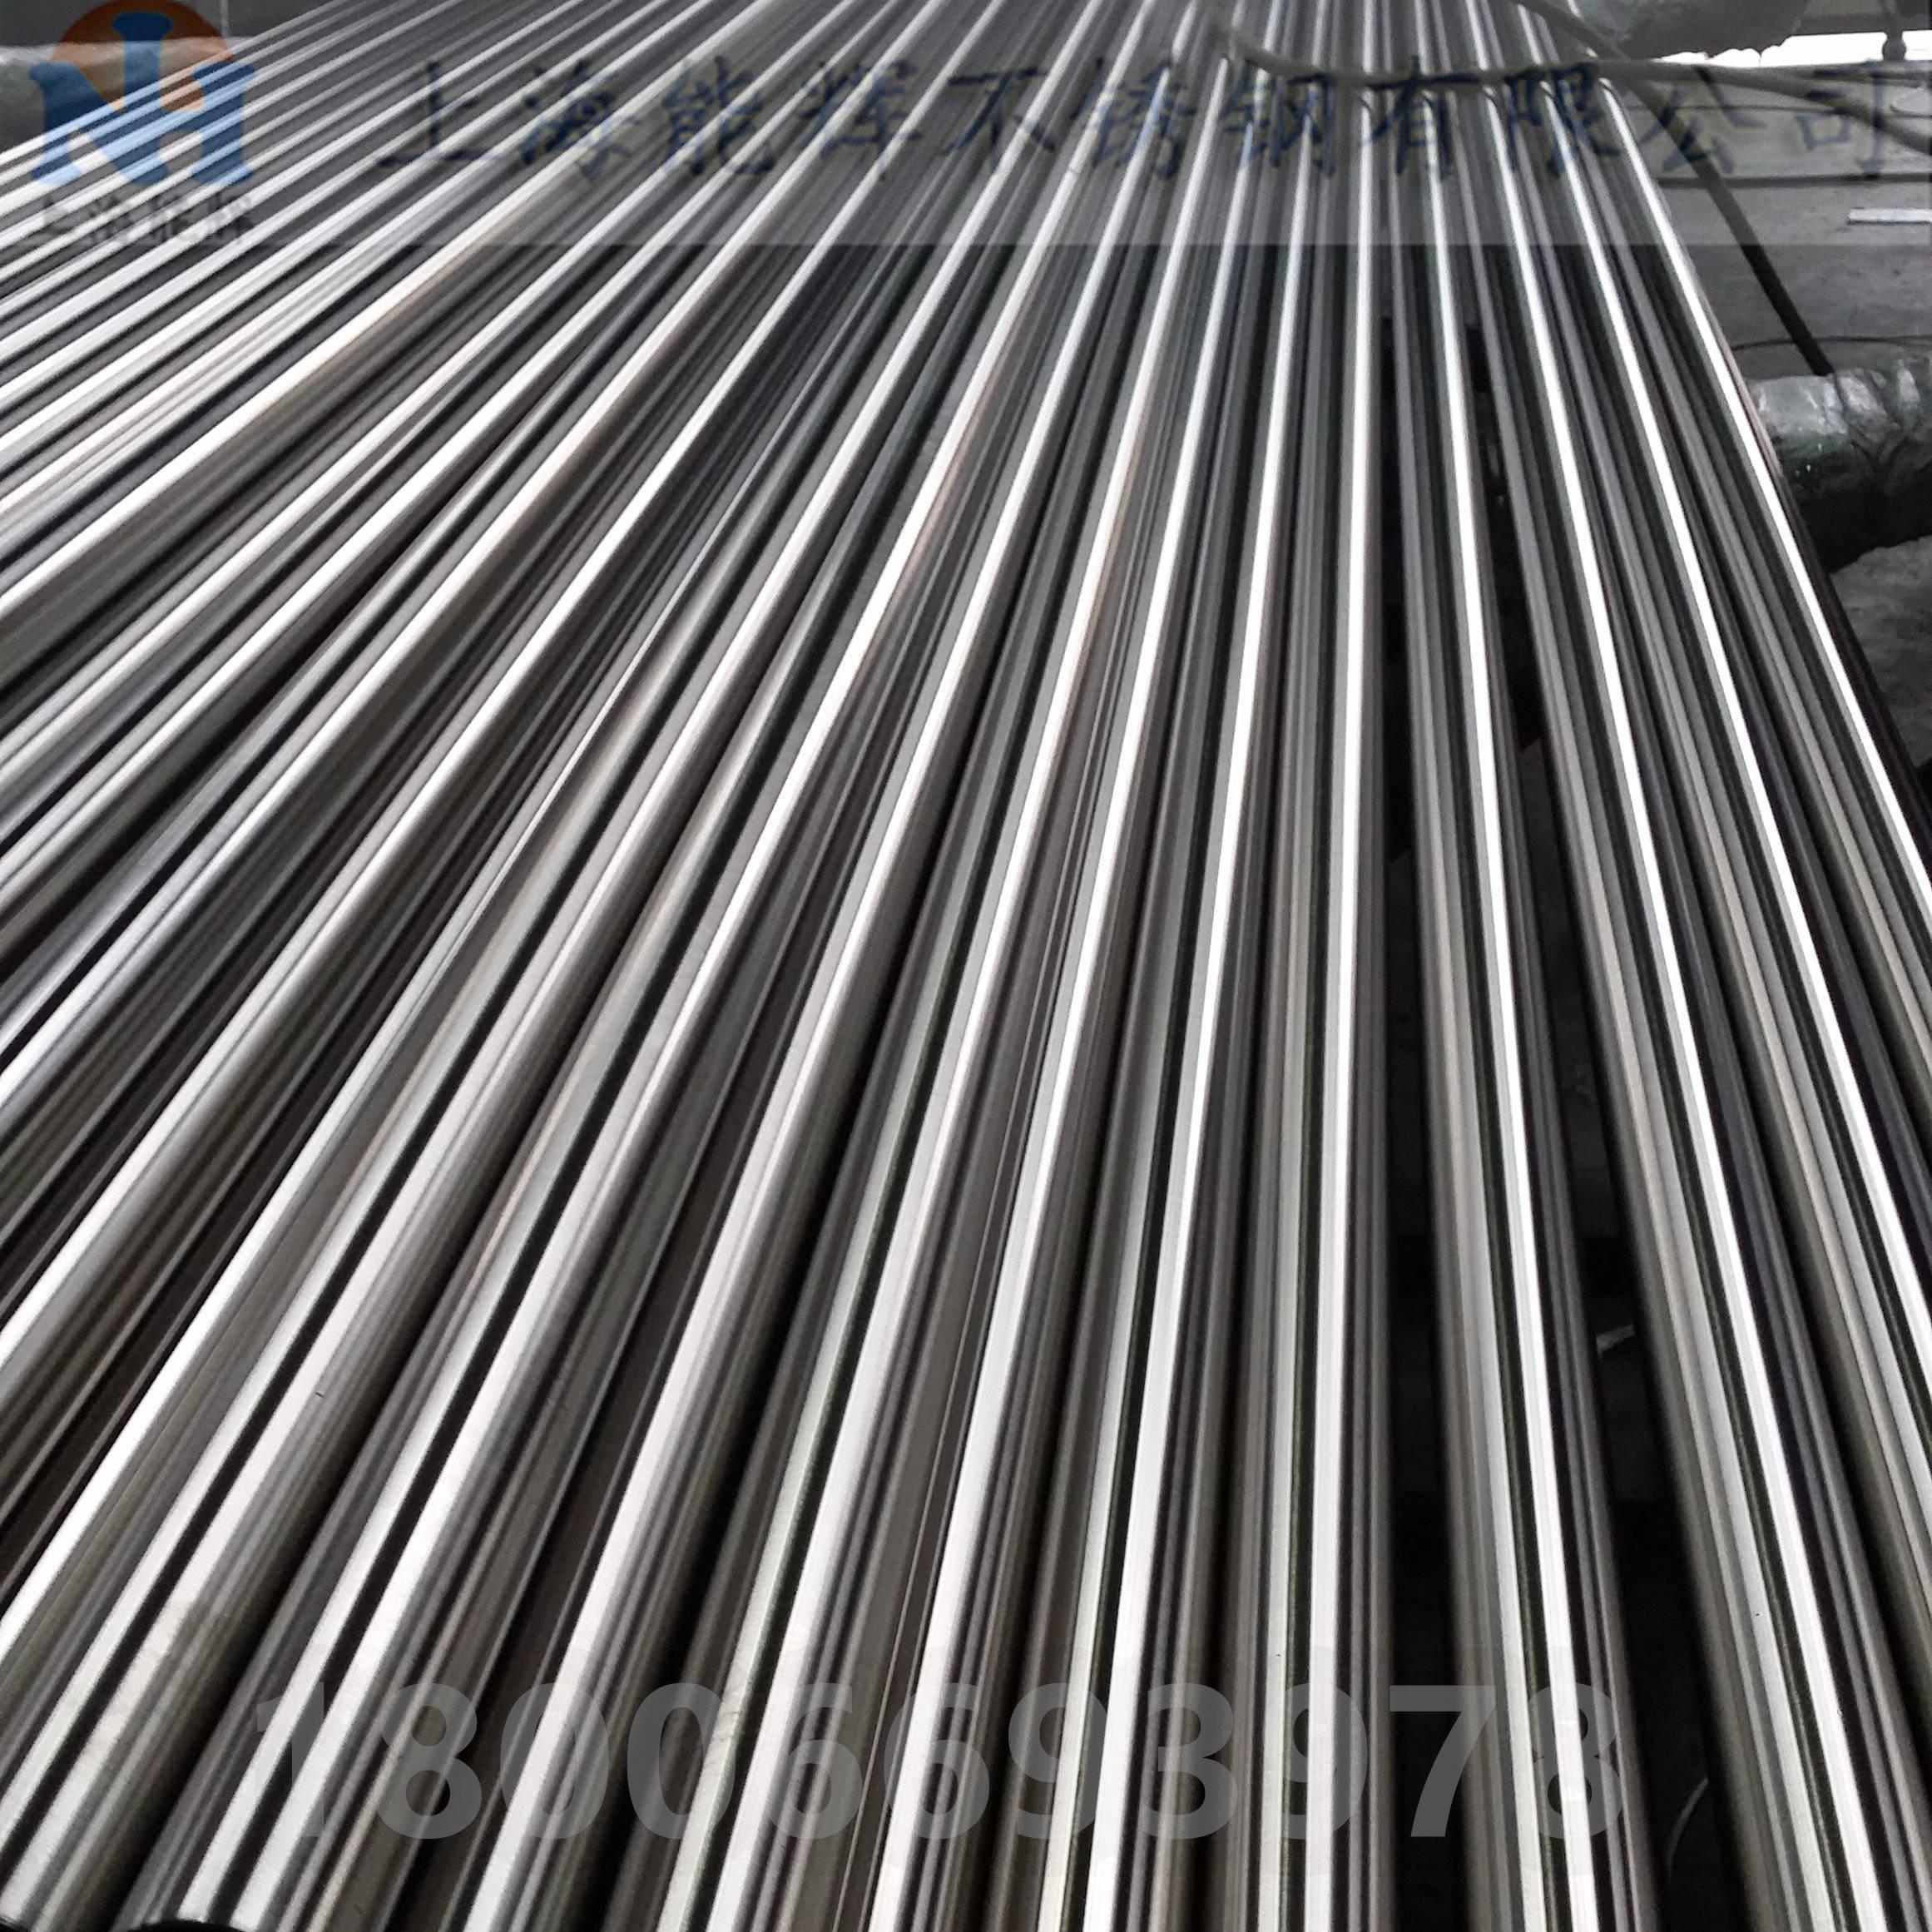 71*2卫生级不锈钢管赋予产品丰富而优雅的外观